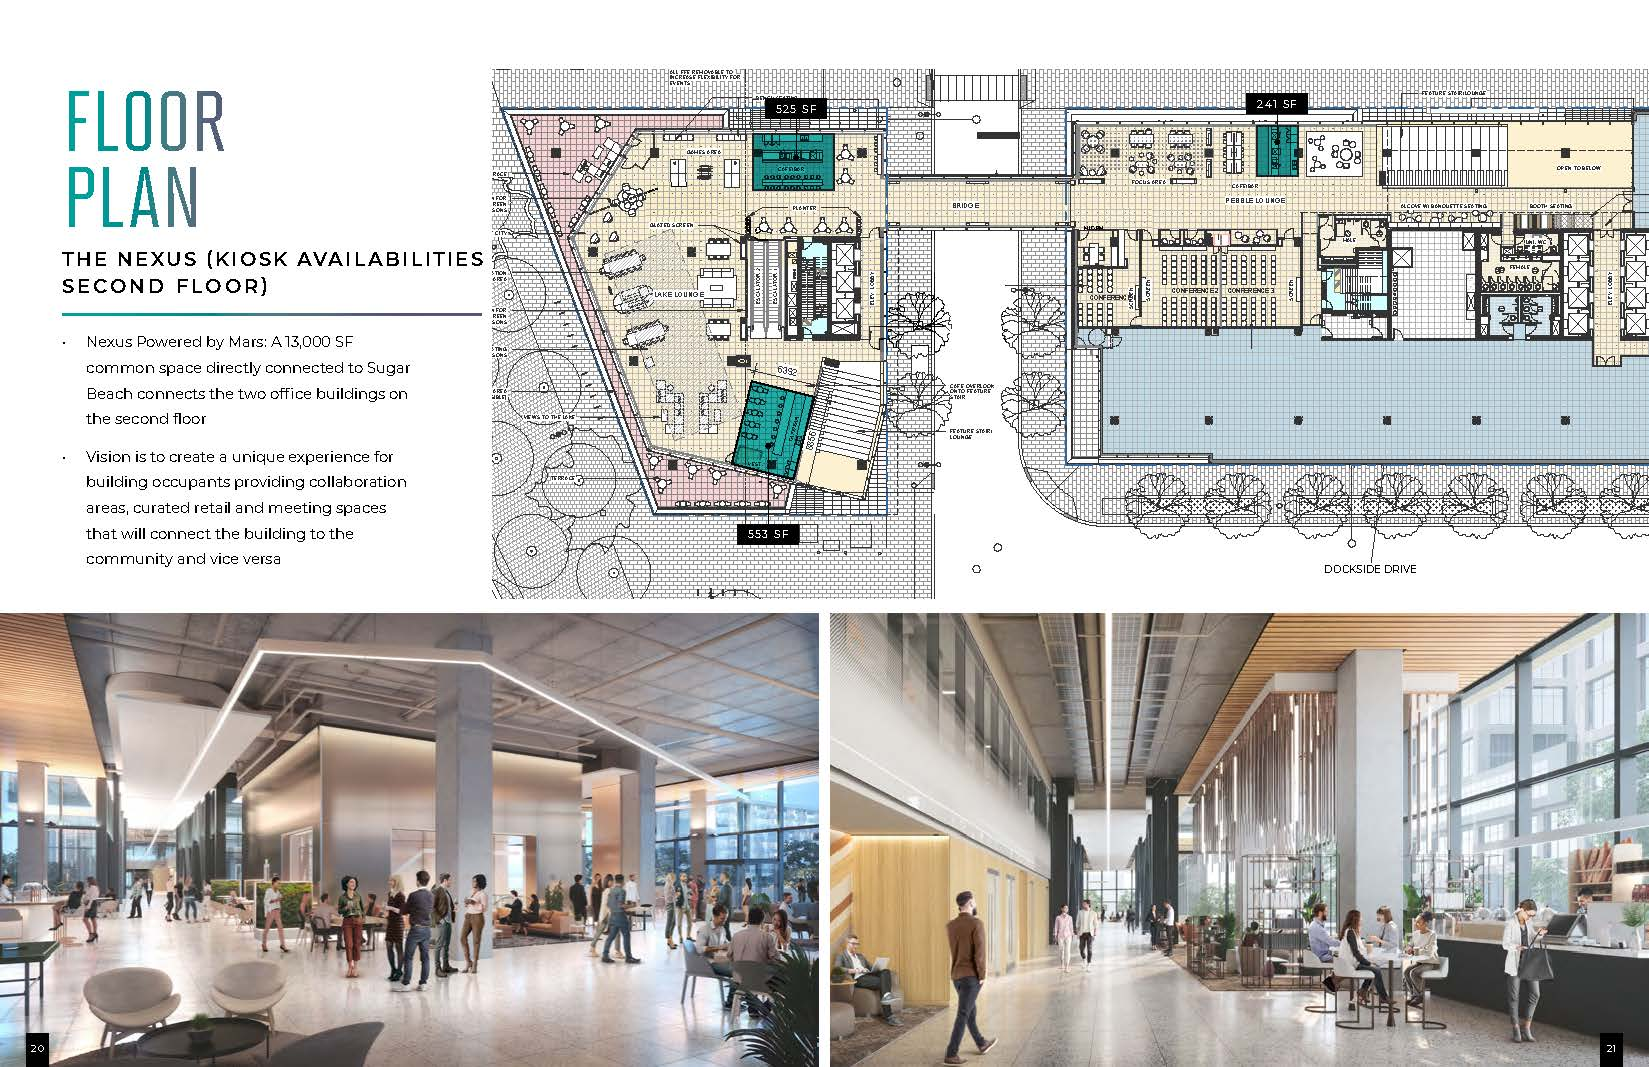 Floorplan thumbnail of The Nexus (Kiosk Availabilities 2nd Floor)